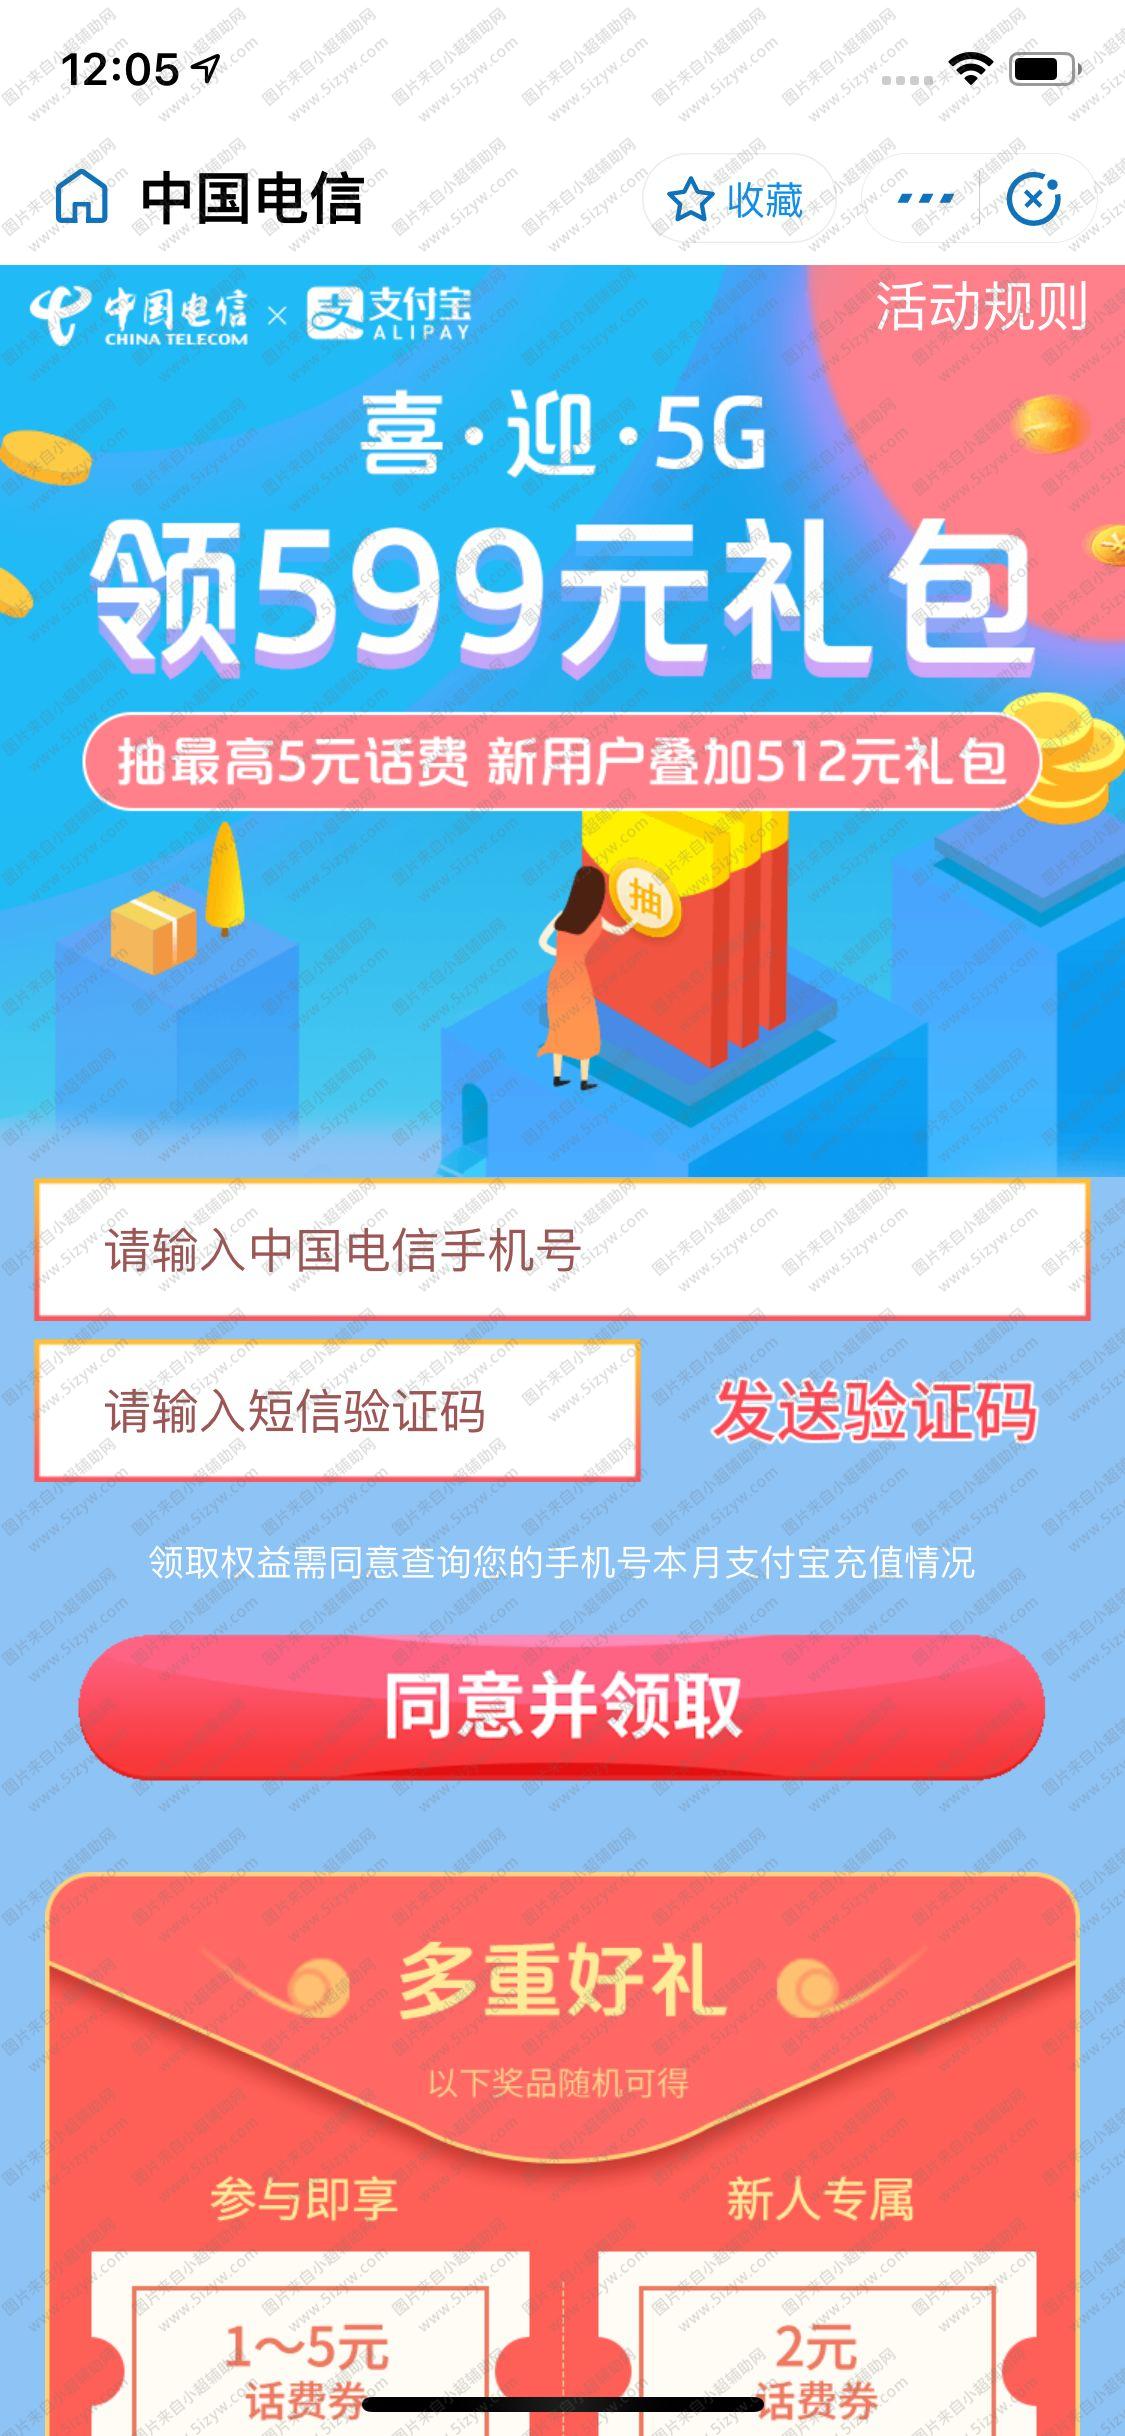 """支付宝APP搜索""""中国电信""""领1-5元话费券"""